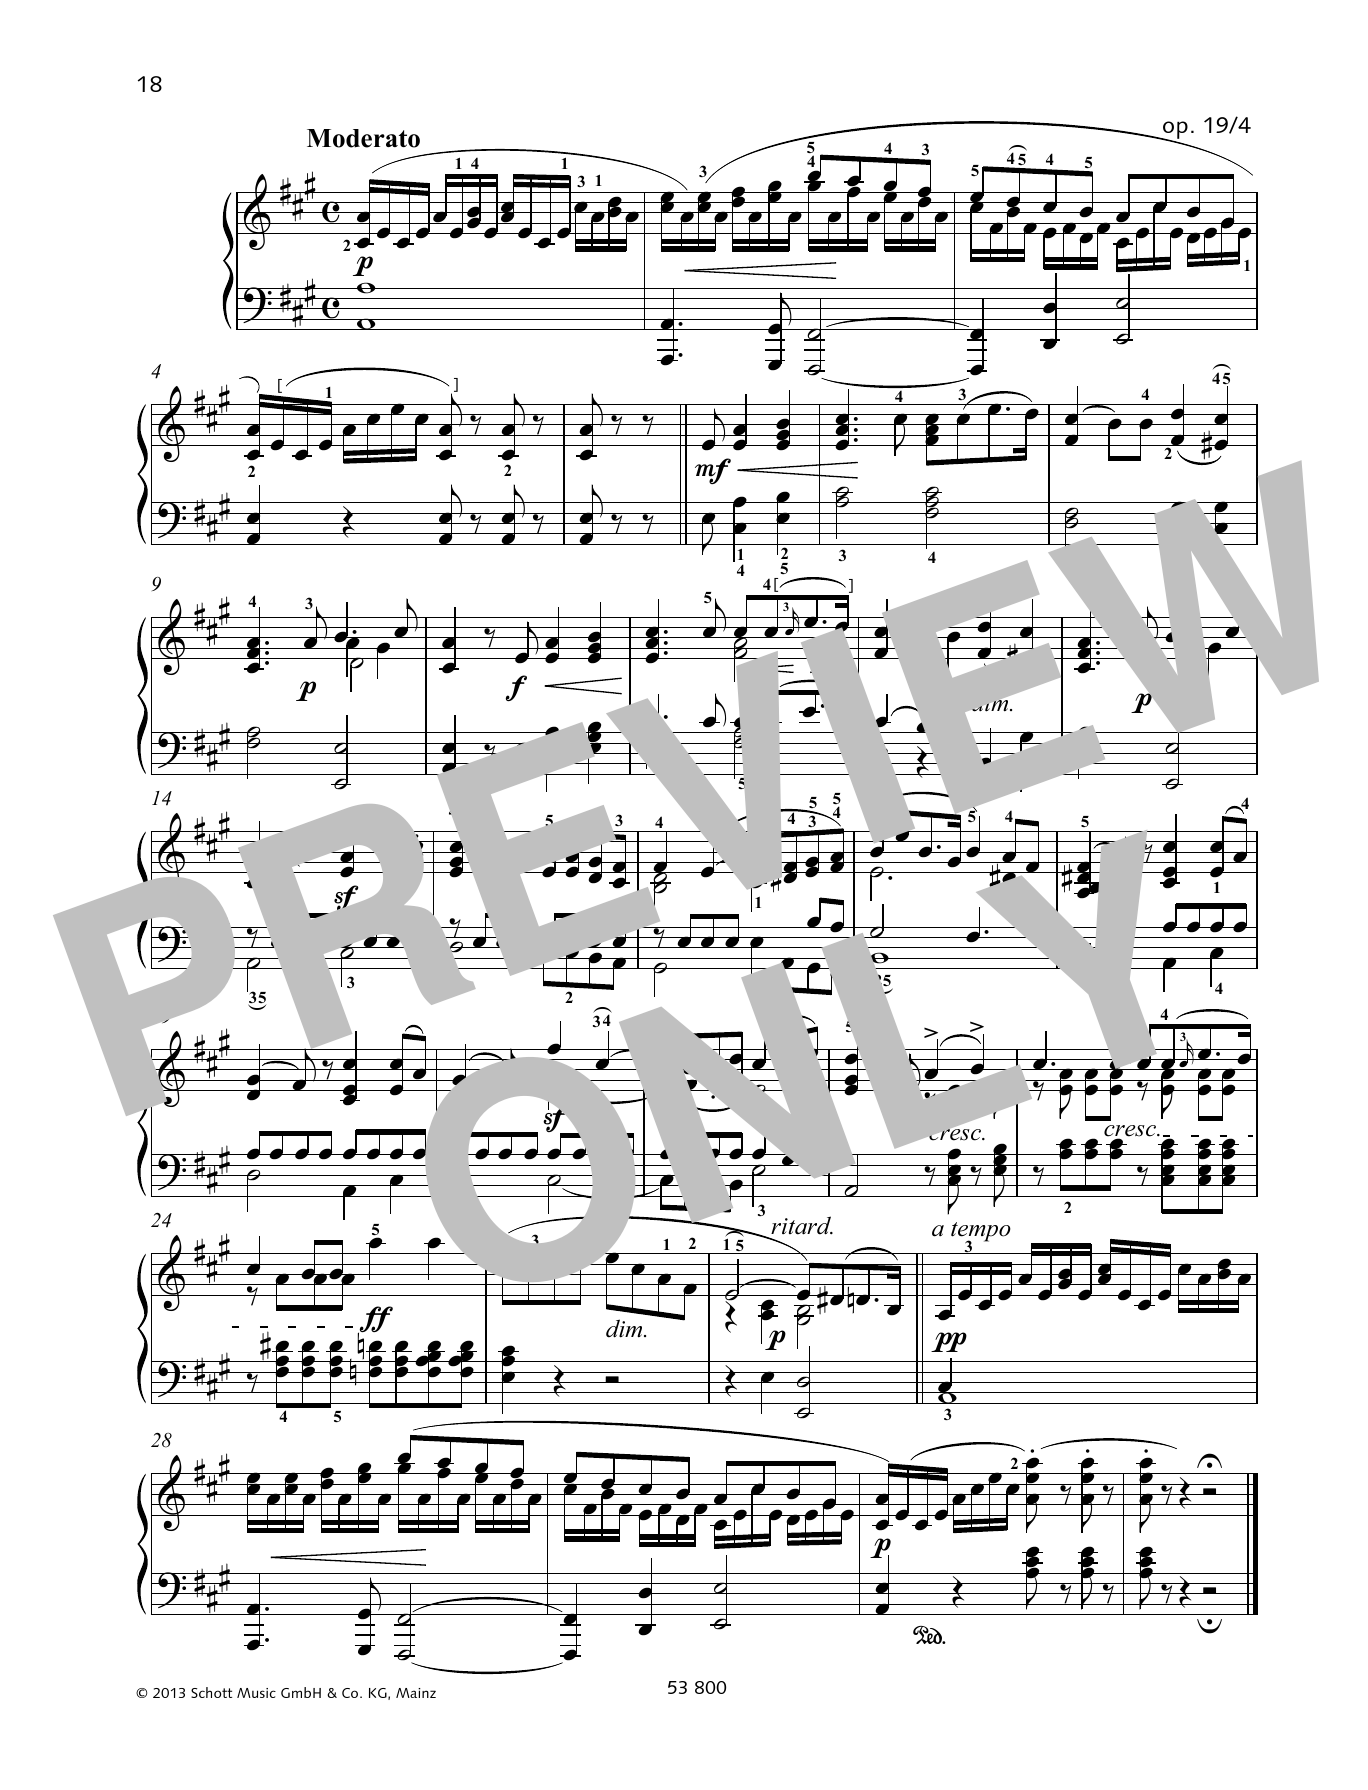 Moderato Sheet Music